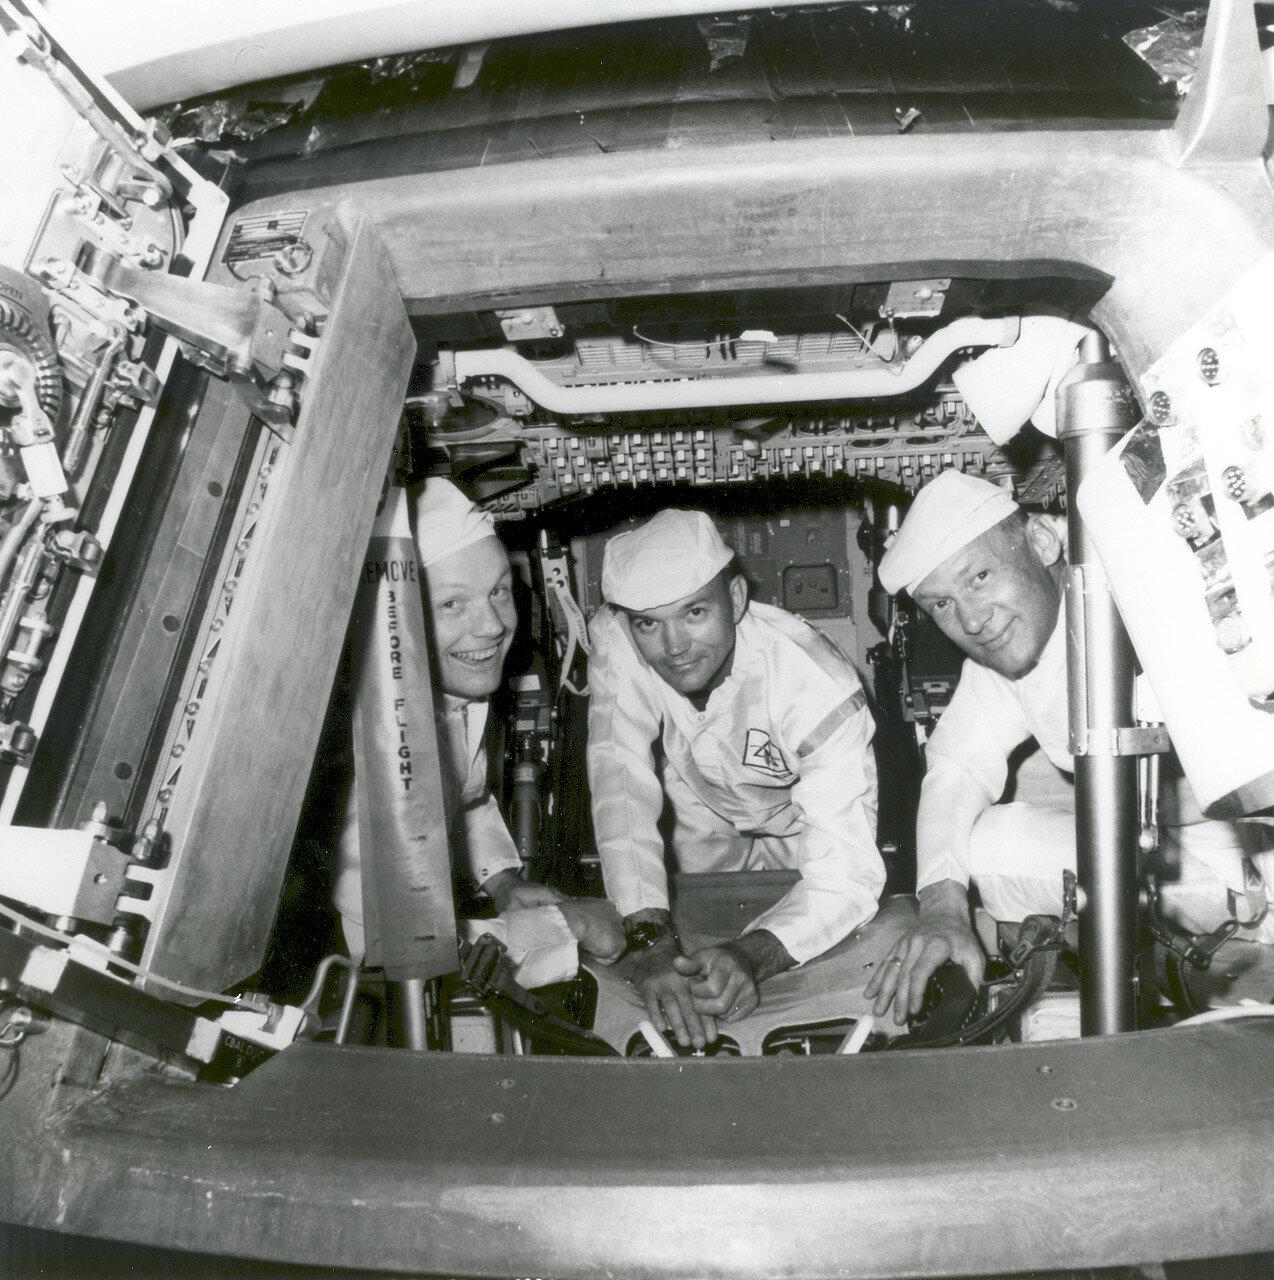 1969. До марта 1969 года Нил Армстронг, Майкл Коллинз и Эдвин Олдрин стояли третьими в очереди на тренировки на тренажёрах командного и лунного модулей. На снимке Нил Армстронг, Майкл Коллинз и Эдвин Олдрин в кабине командного модуля во время тренировки